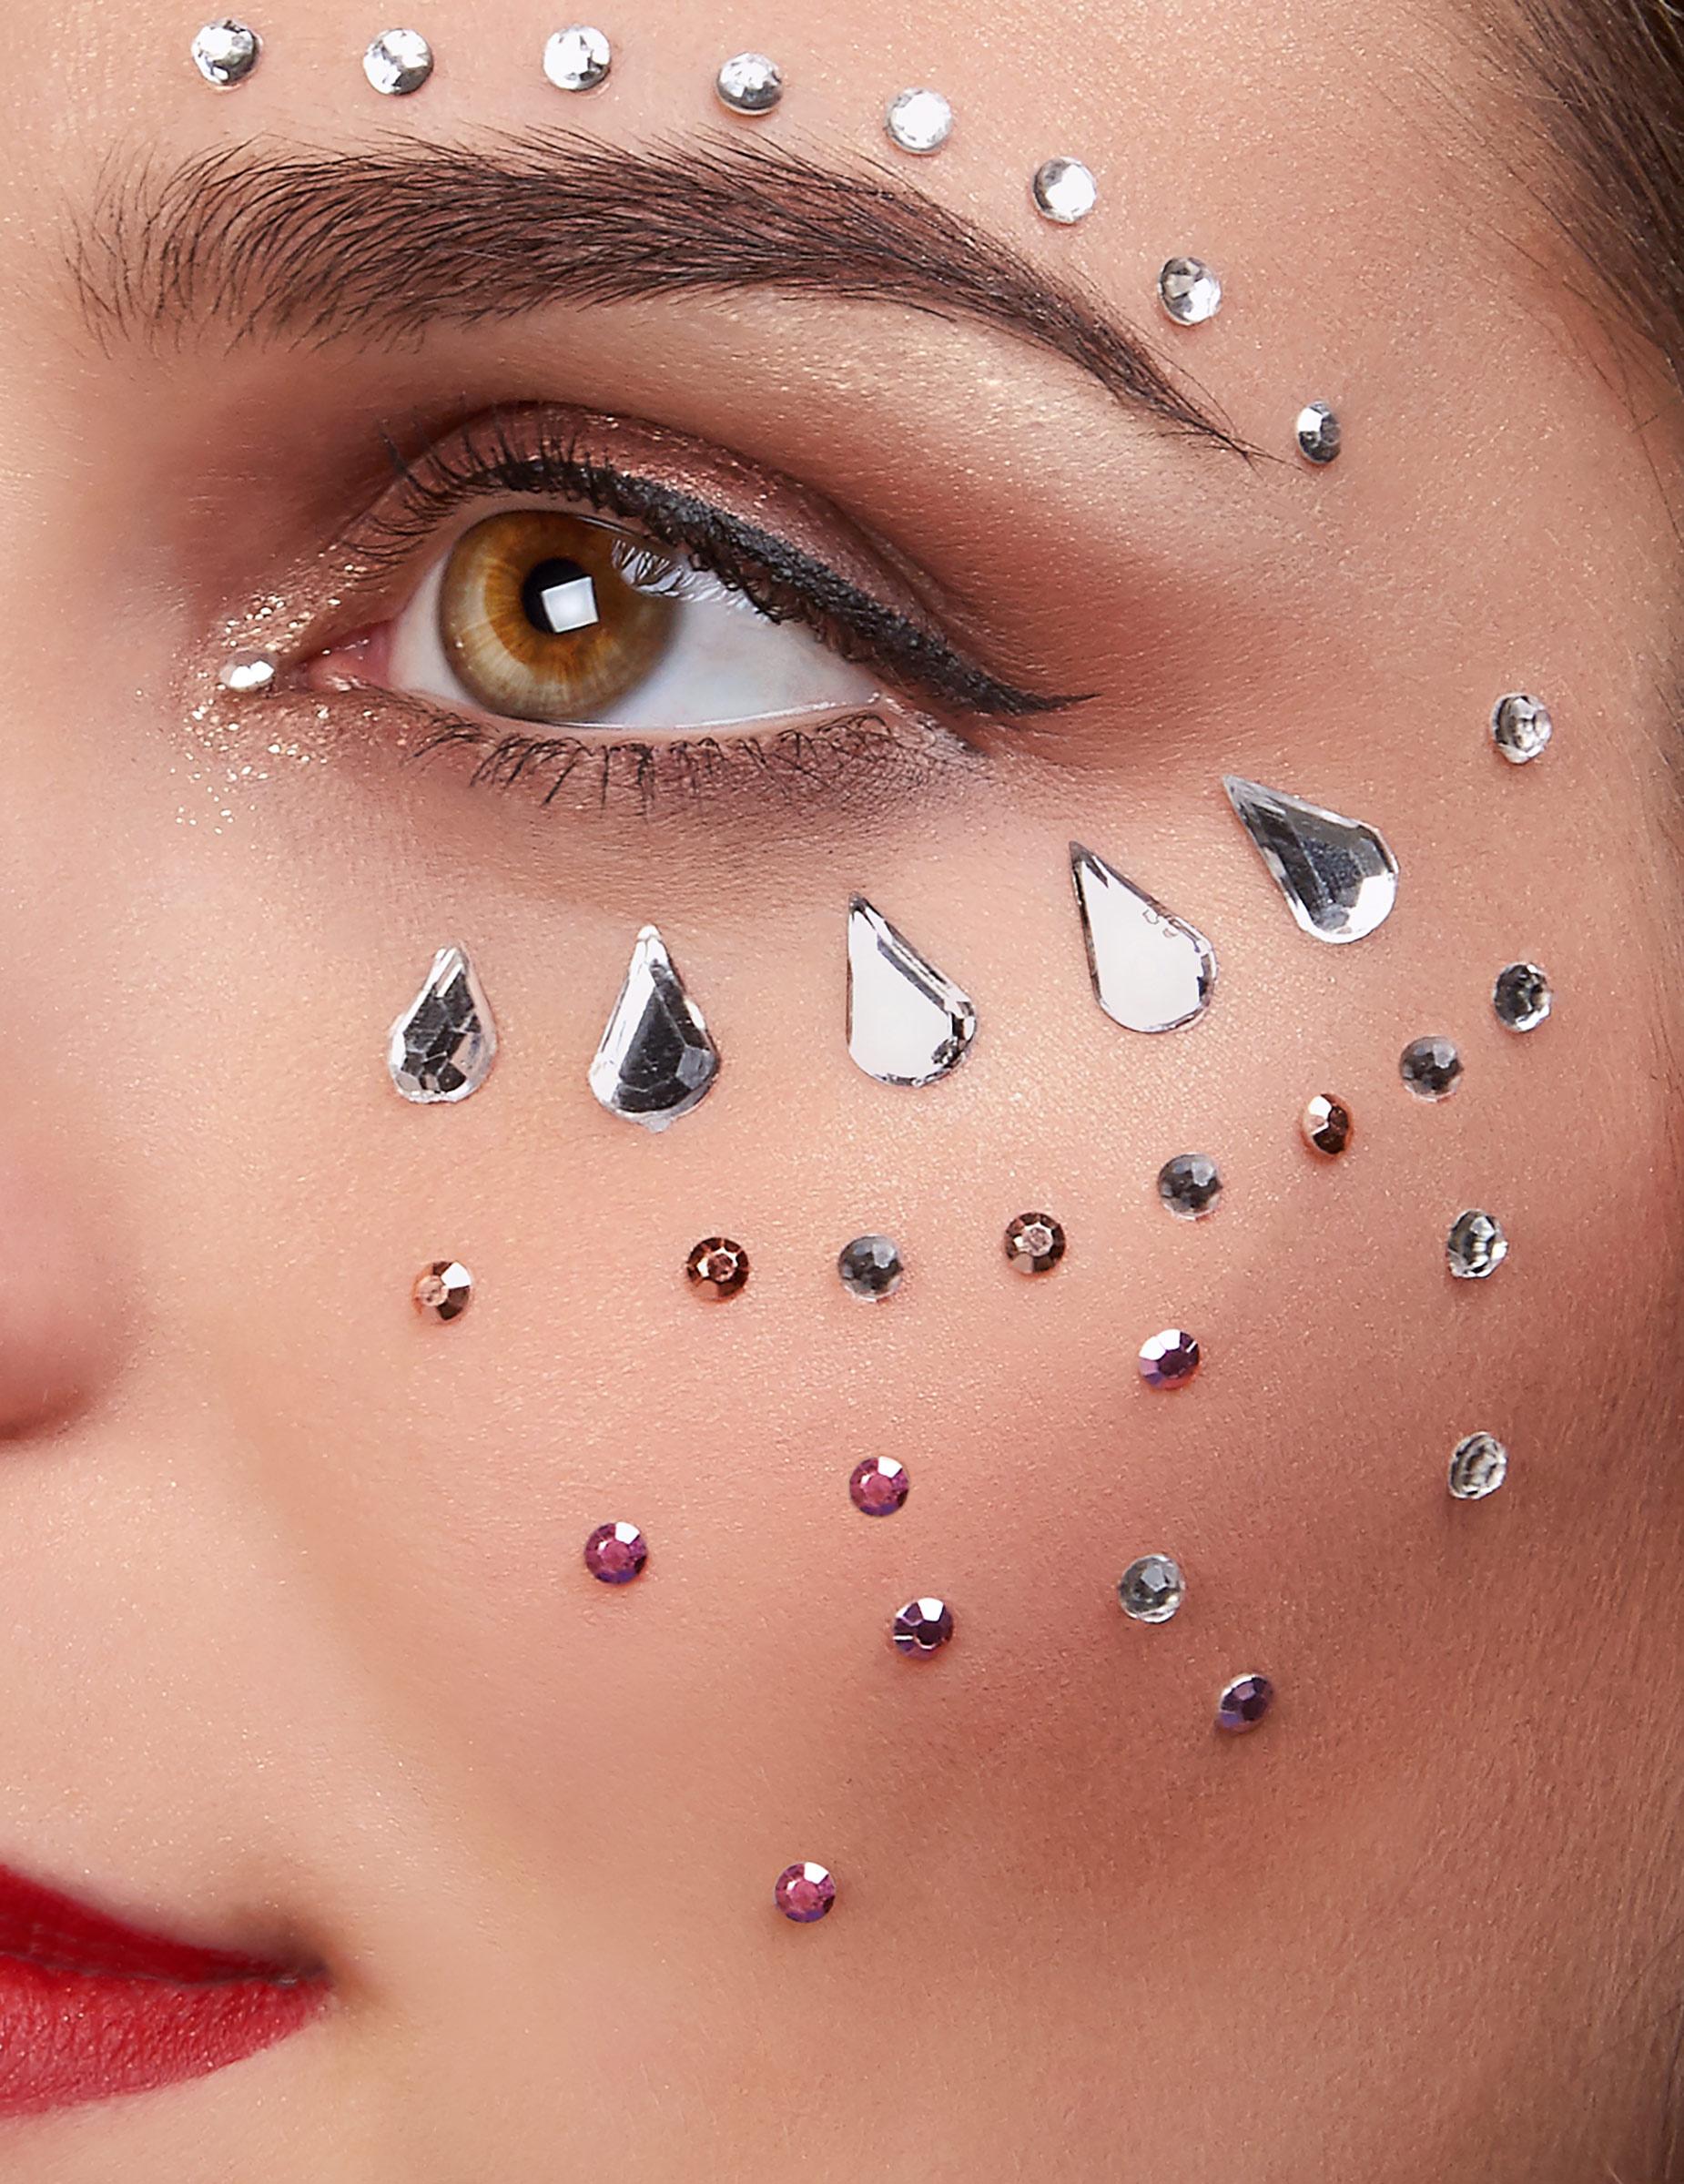 Strass Pour Visage Et Corps Cristal Adulte Achat De Maquillage Sur Vegaoopro Grossiste En Déguisements